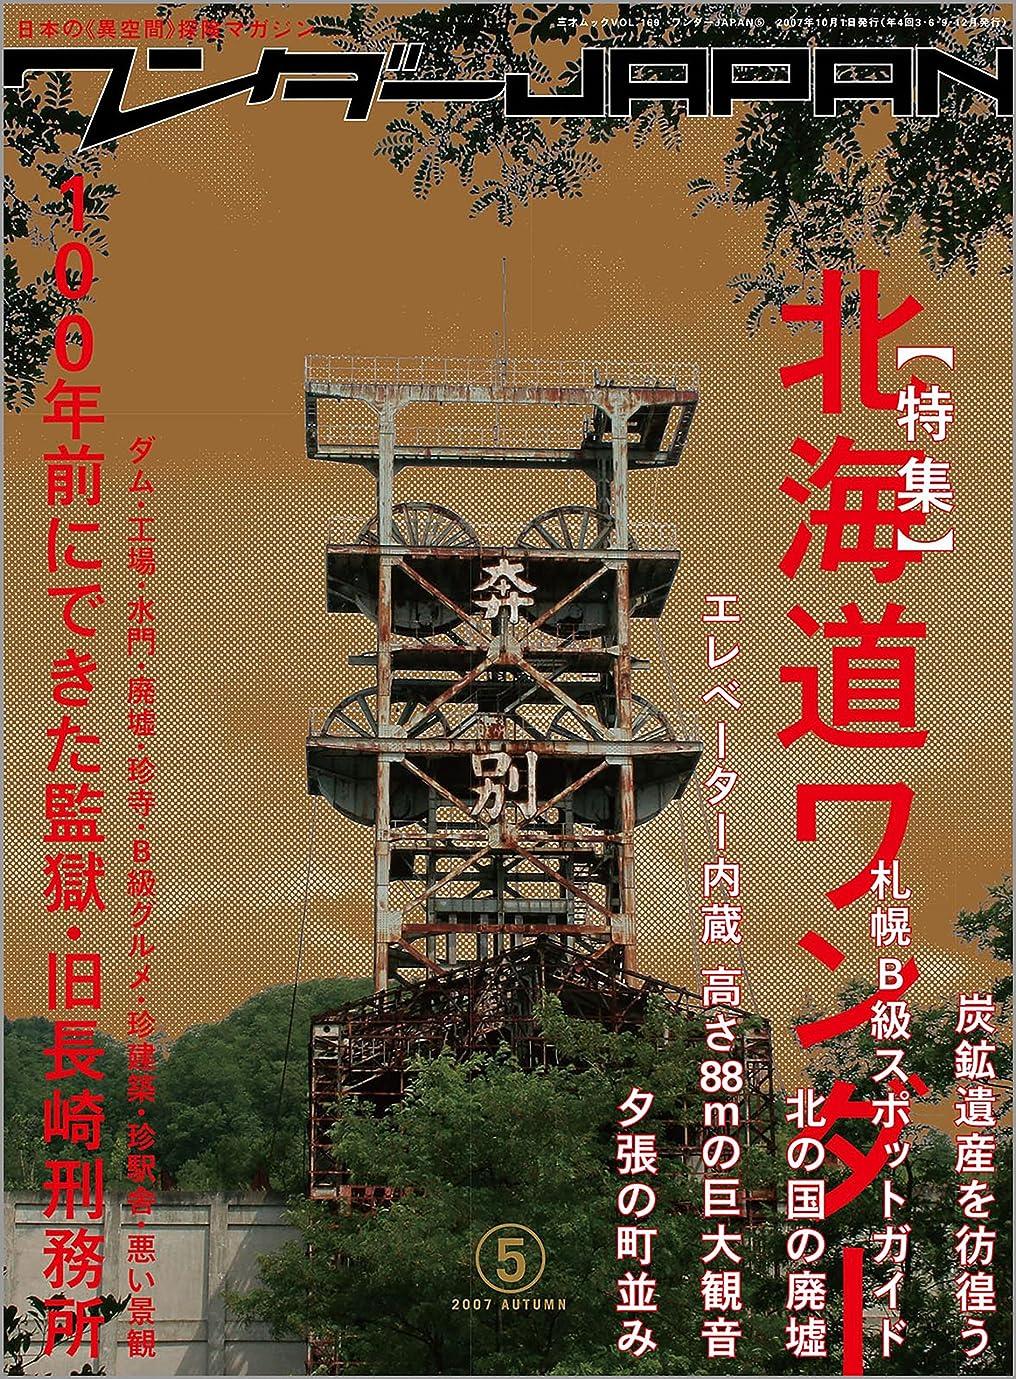 期限切れ教義複合ワンダーJAPAN vol.05